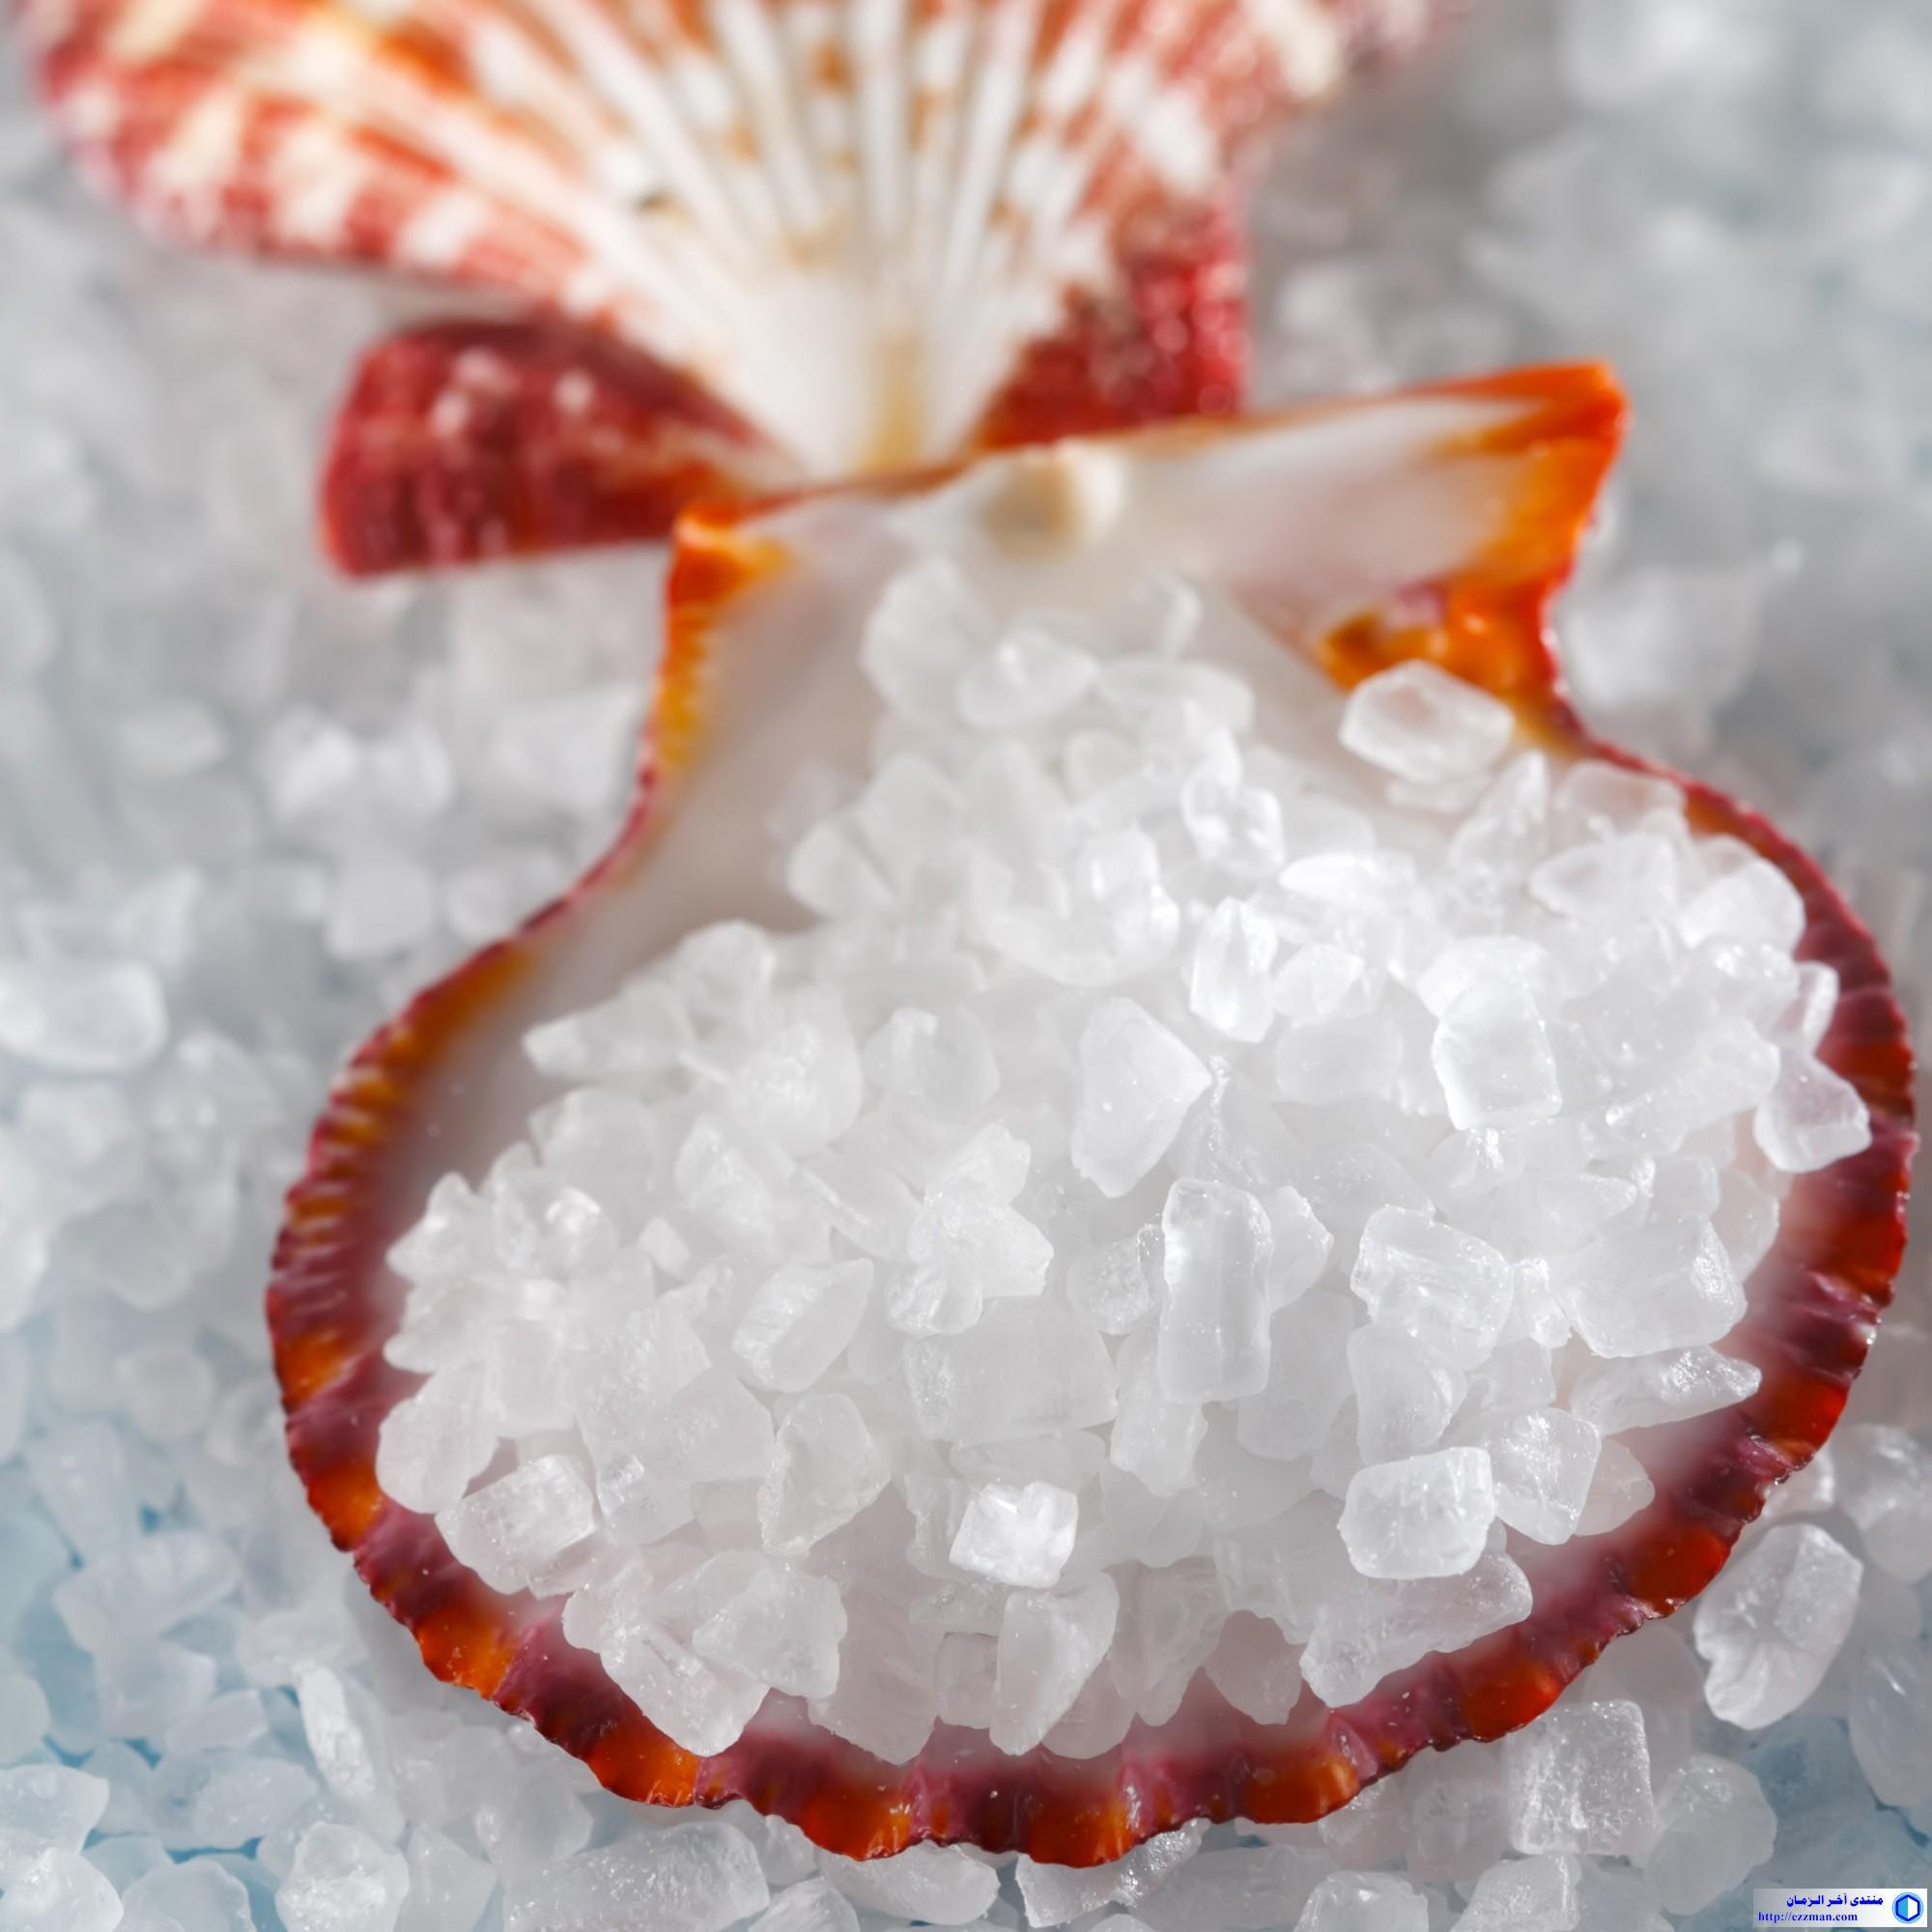 القوى الكامنة الملح البحري